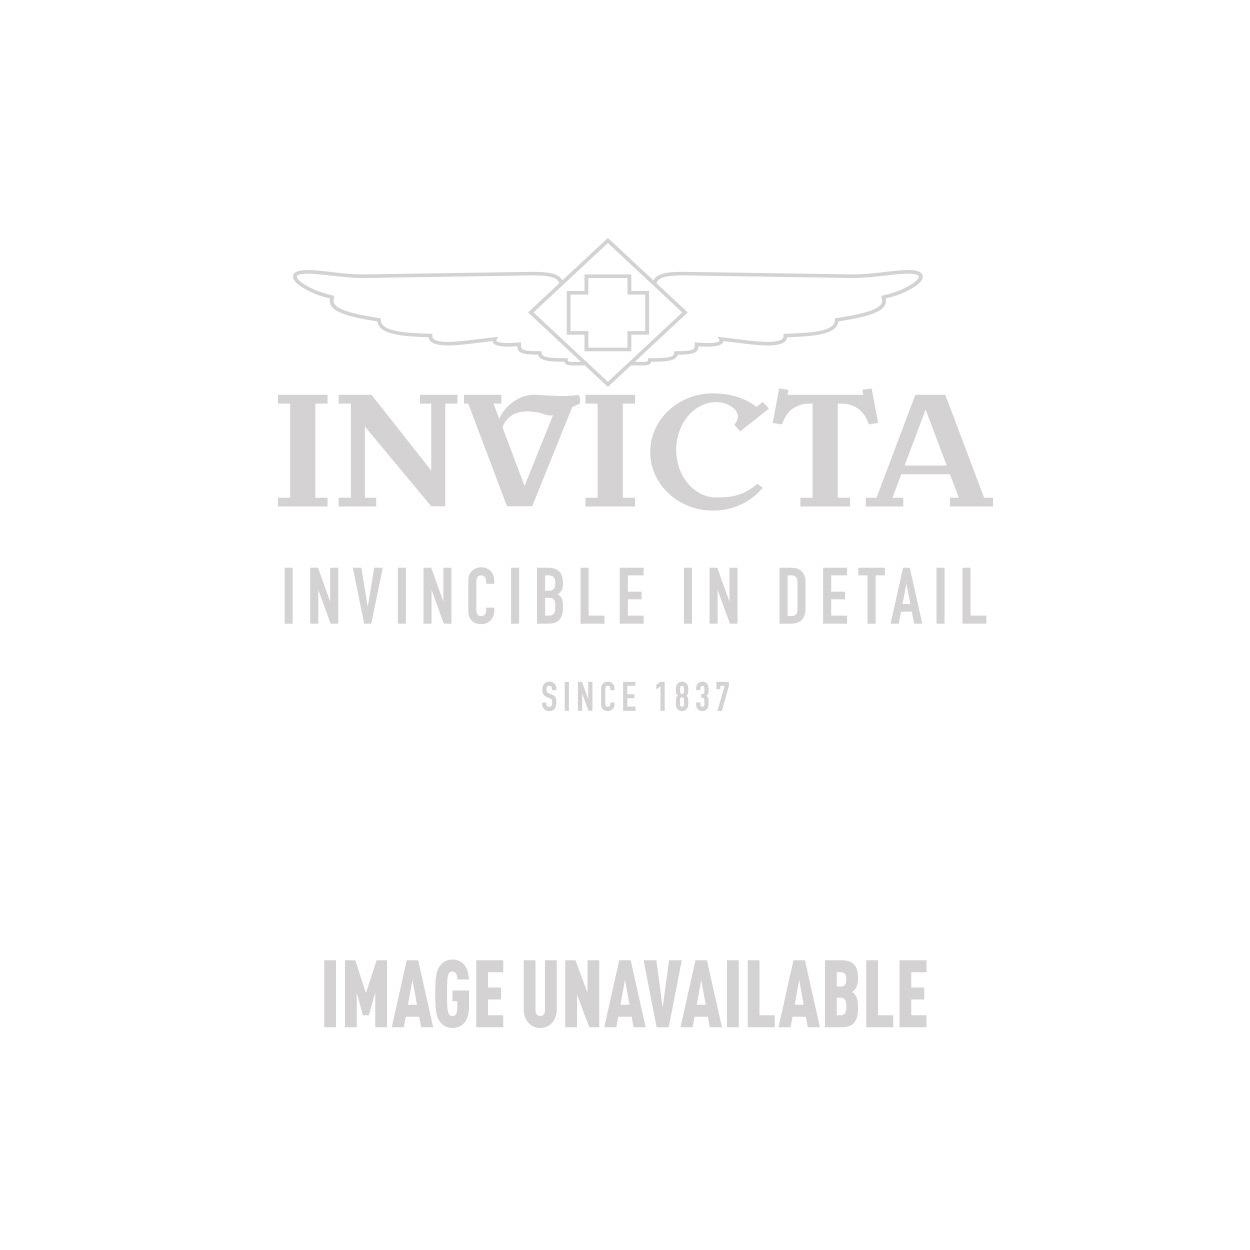 Invicta Model 27098